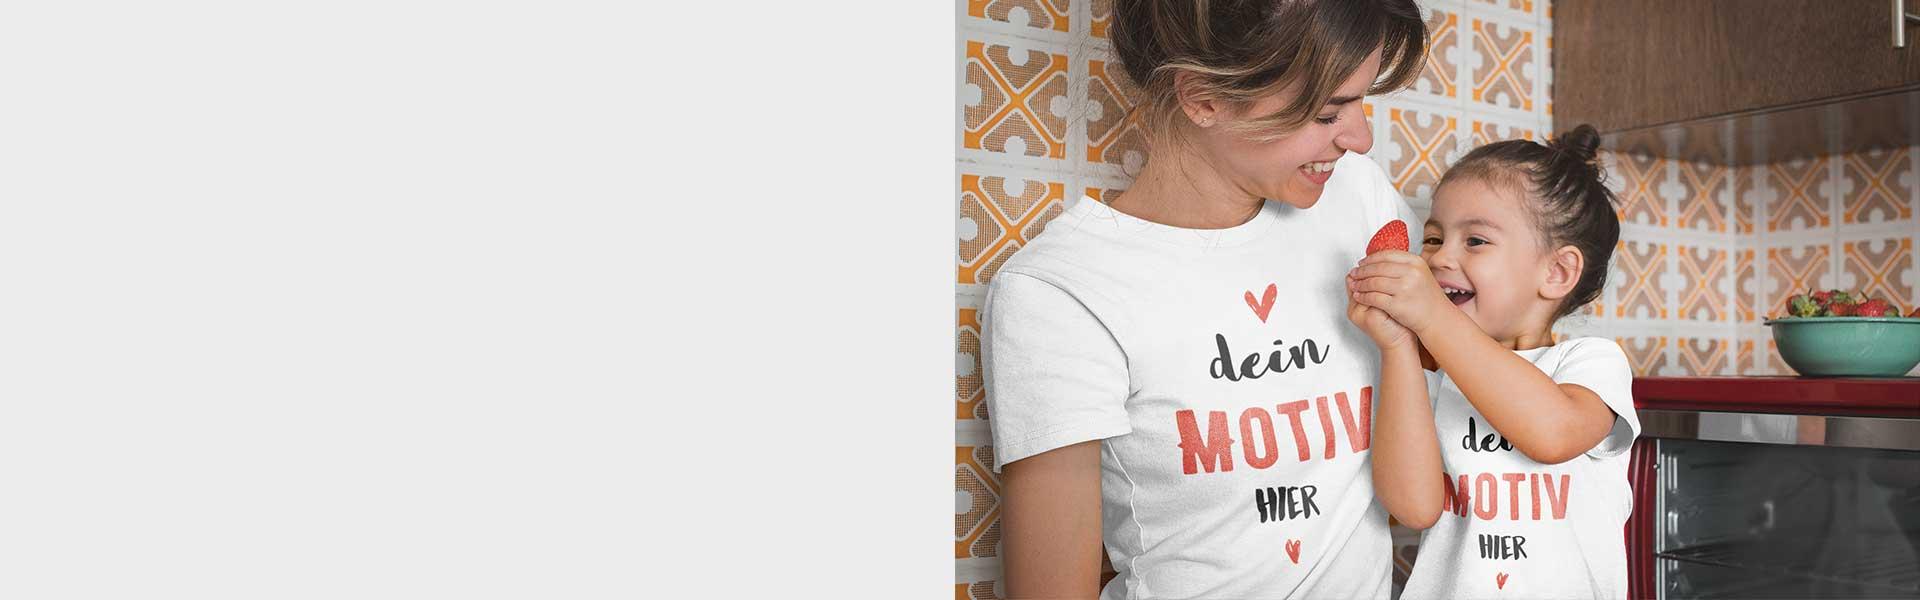 Junge Frau mit Kinder uns selbst gestaltetem T-Shirt